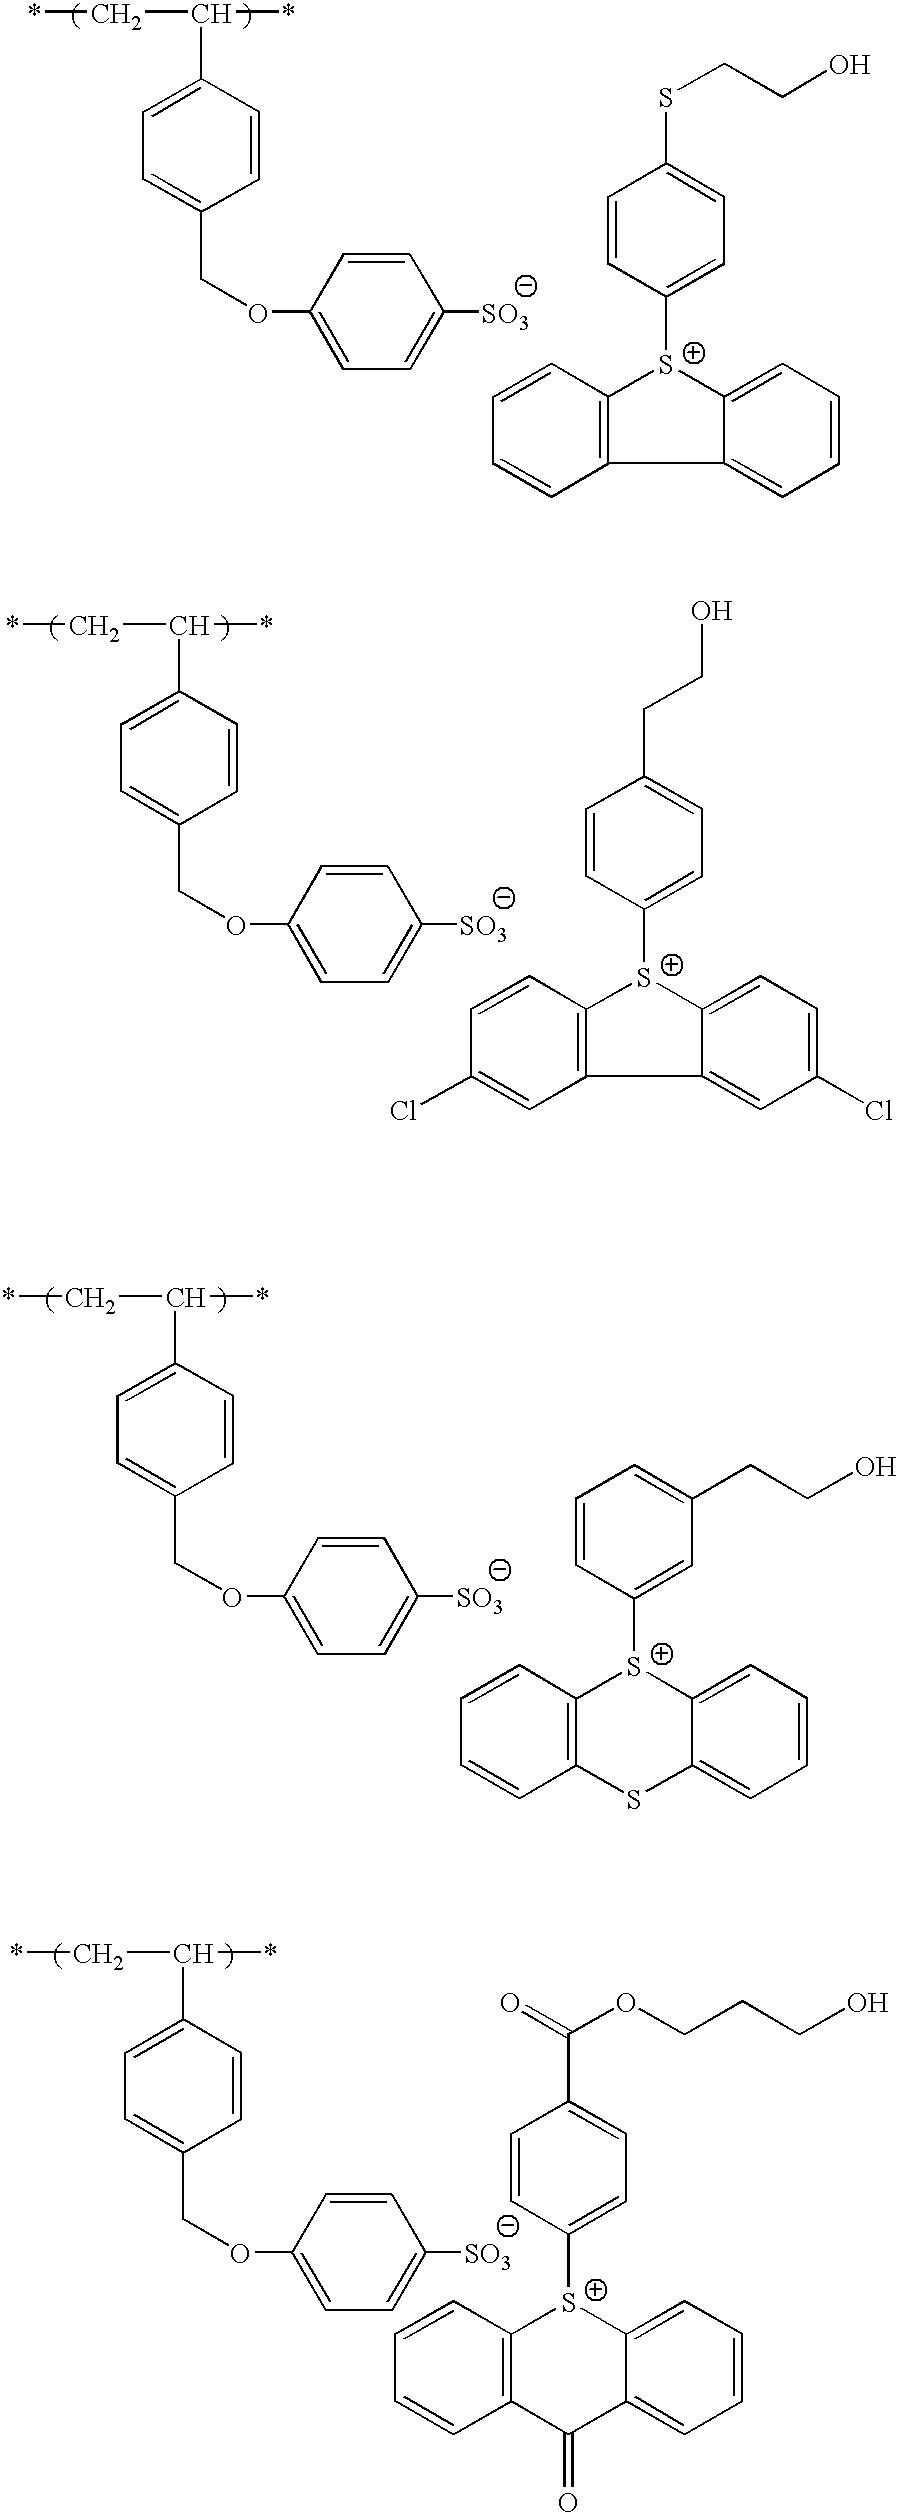 Figure US20100183975A1-20100722-C00059